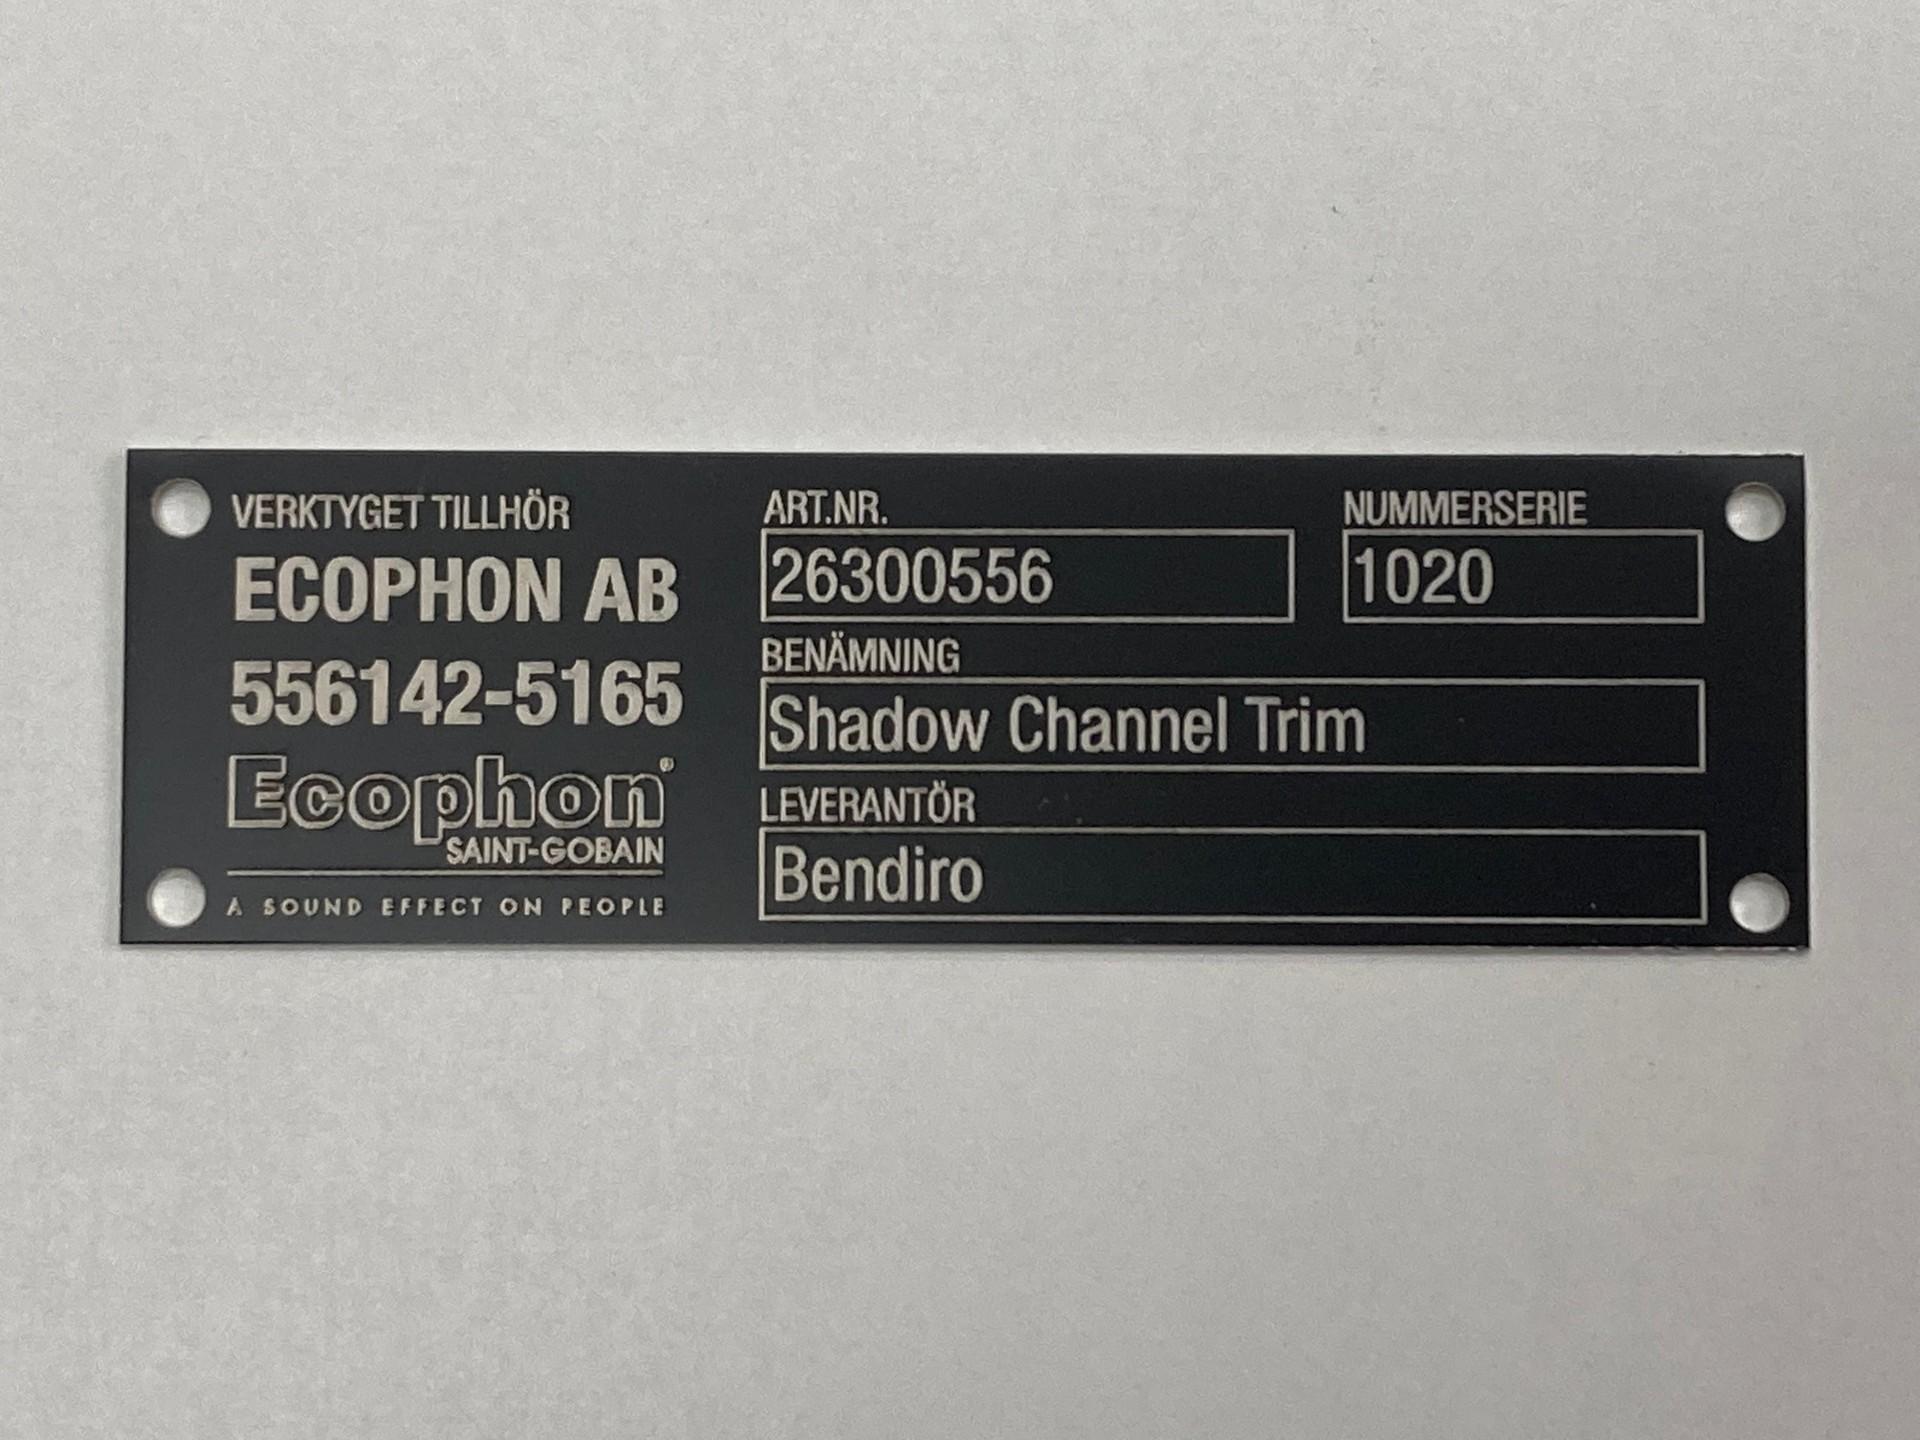 Typskylt av svarteloxerad aluminium och lasergraverad.